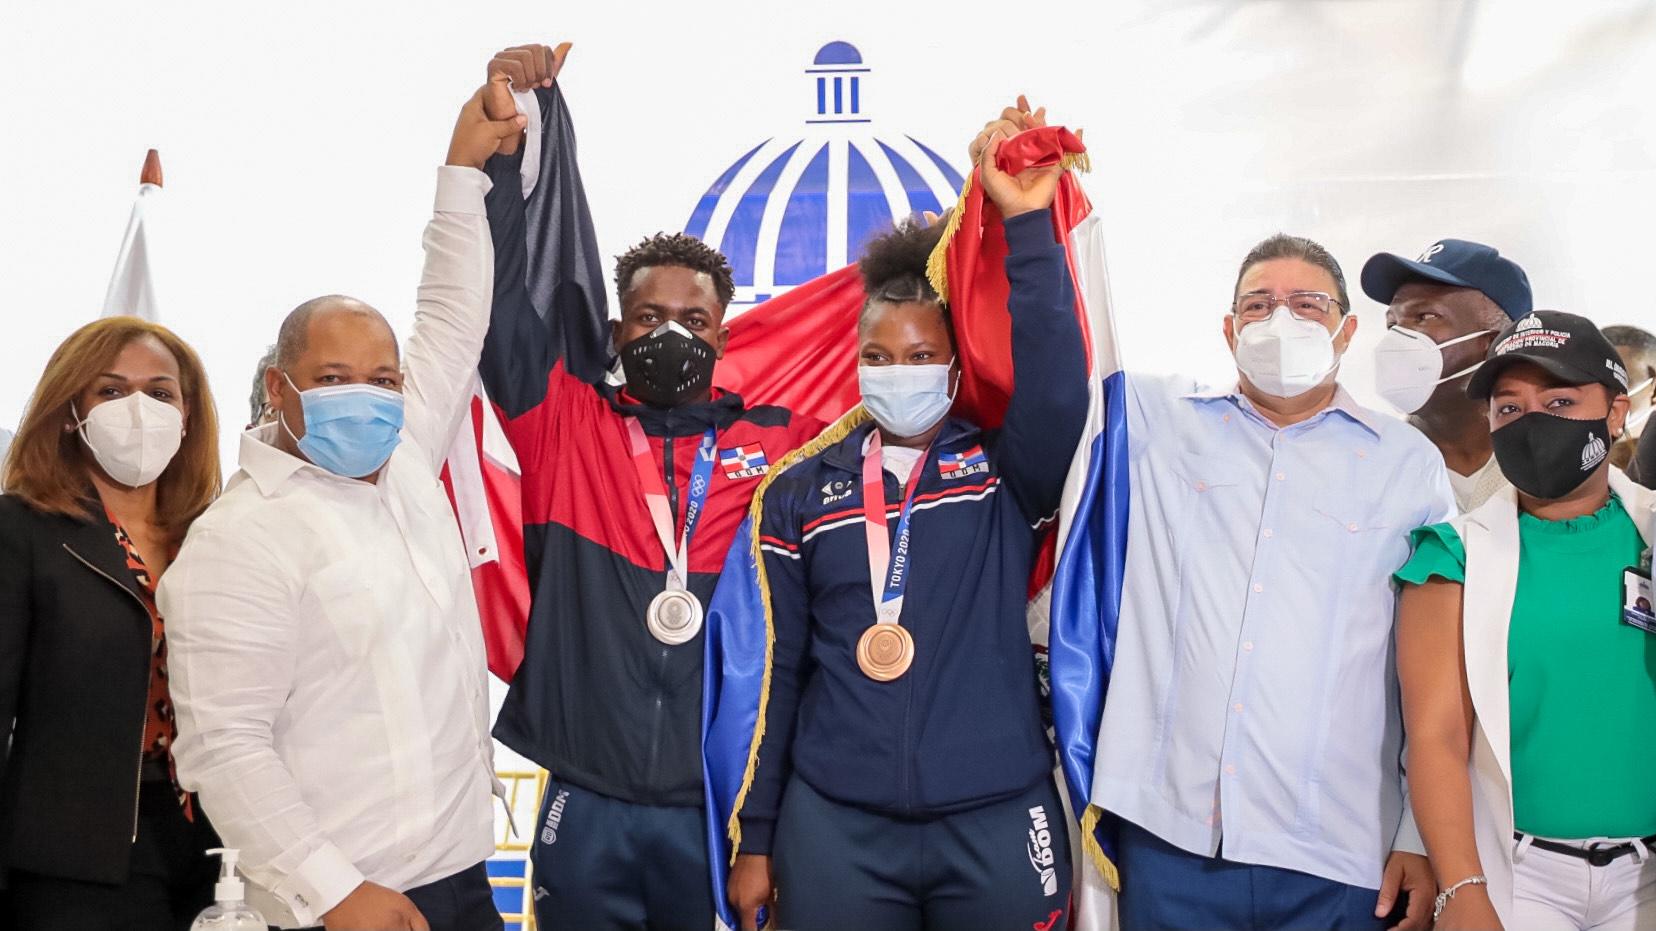 Autoridades dan recibimiento de héroes a sus pesistas olímpicos en Tokio 2020